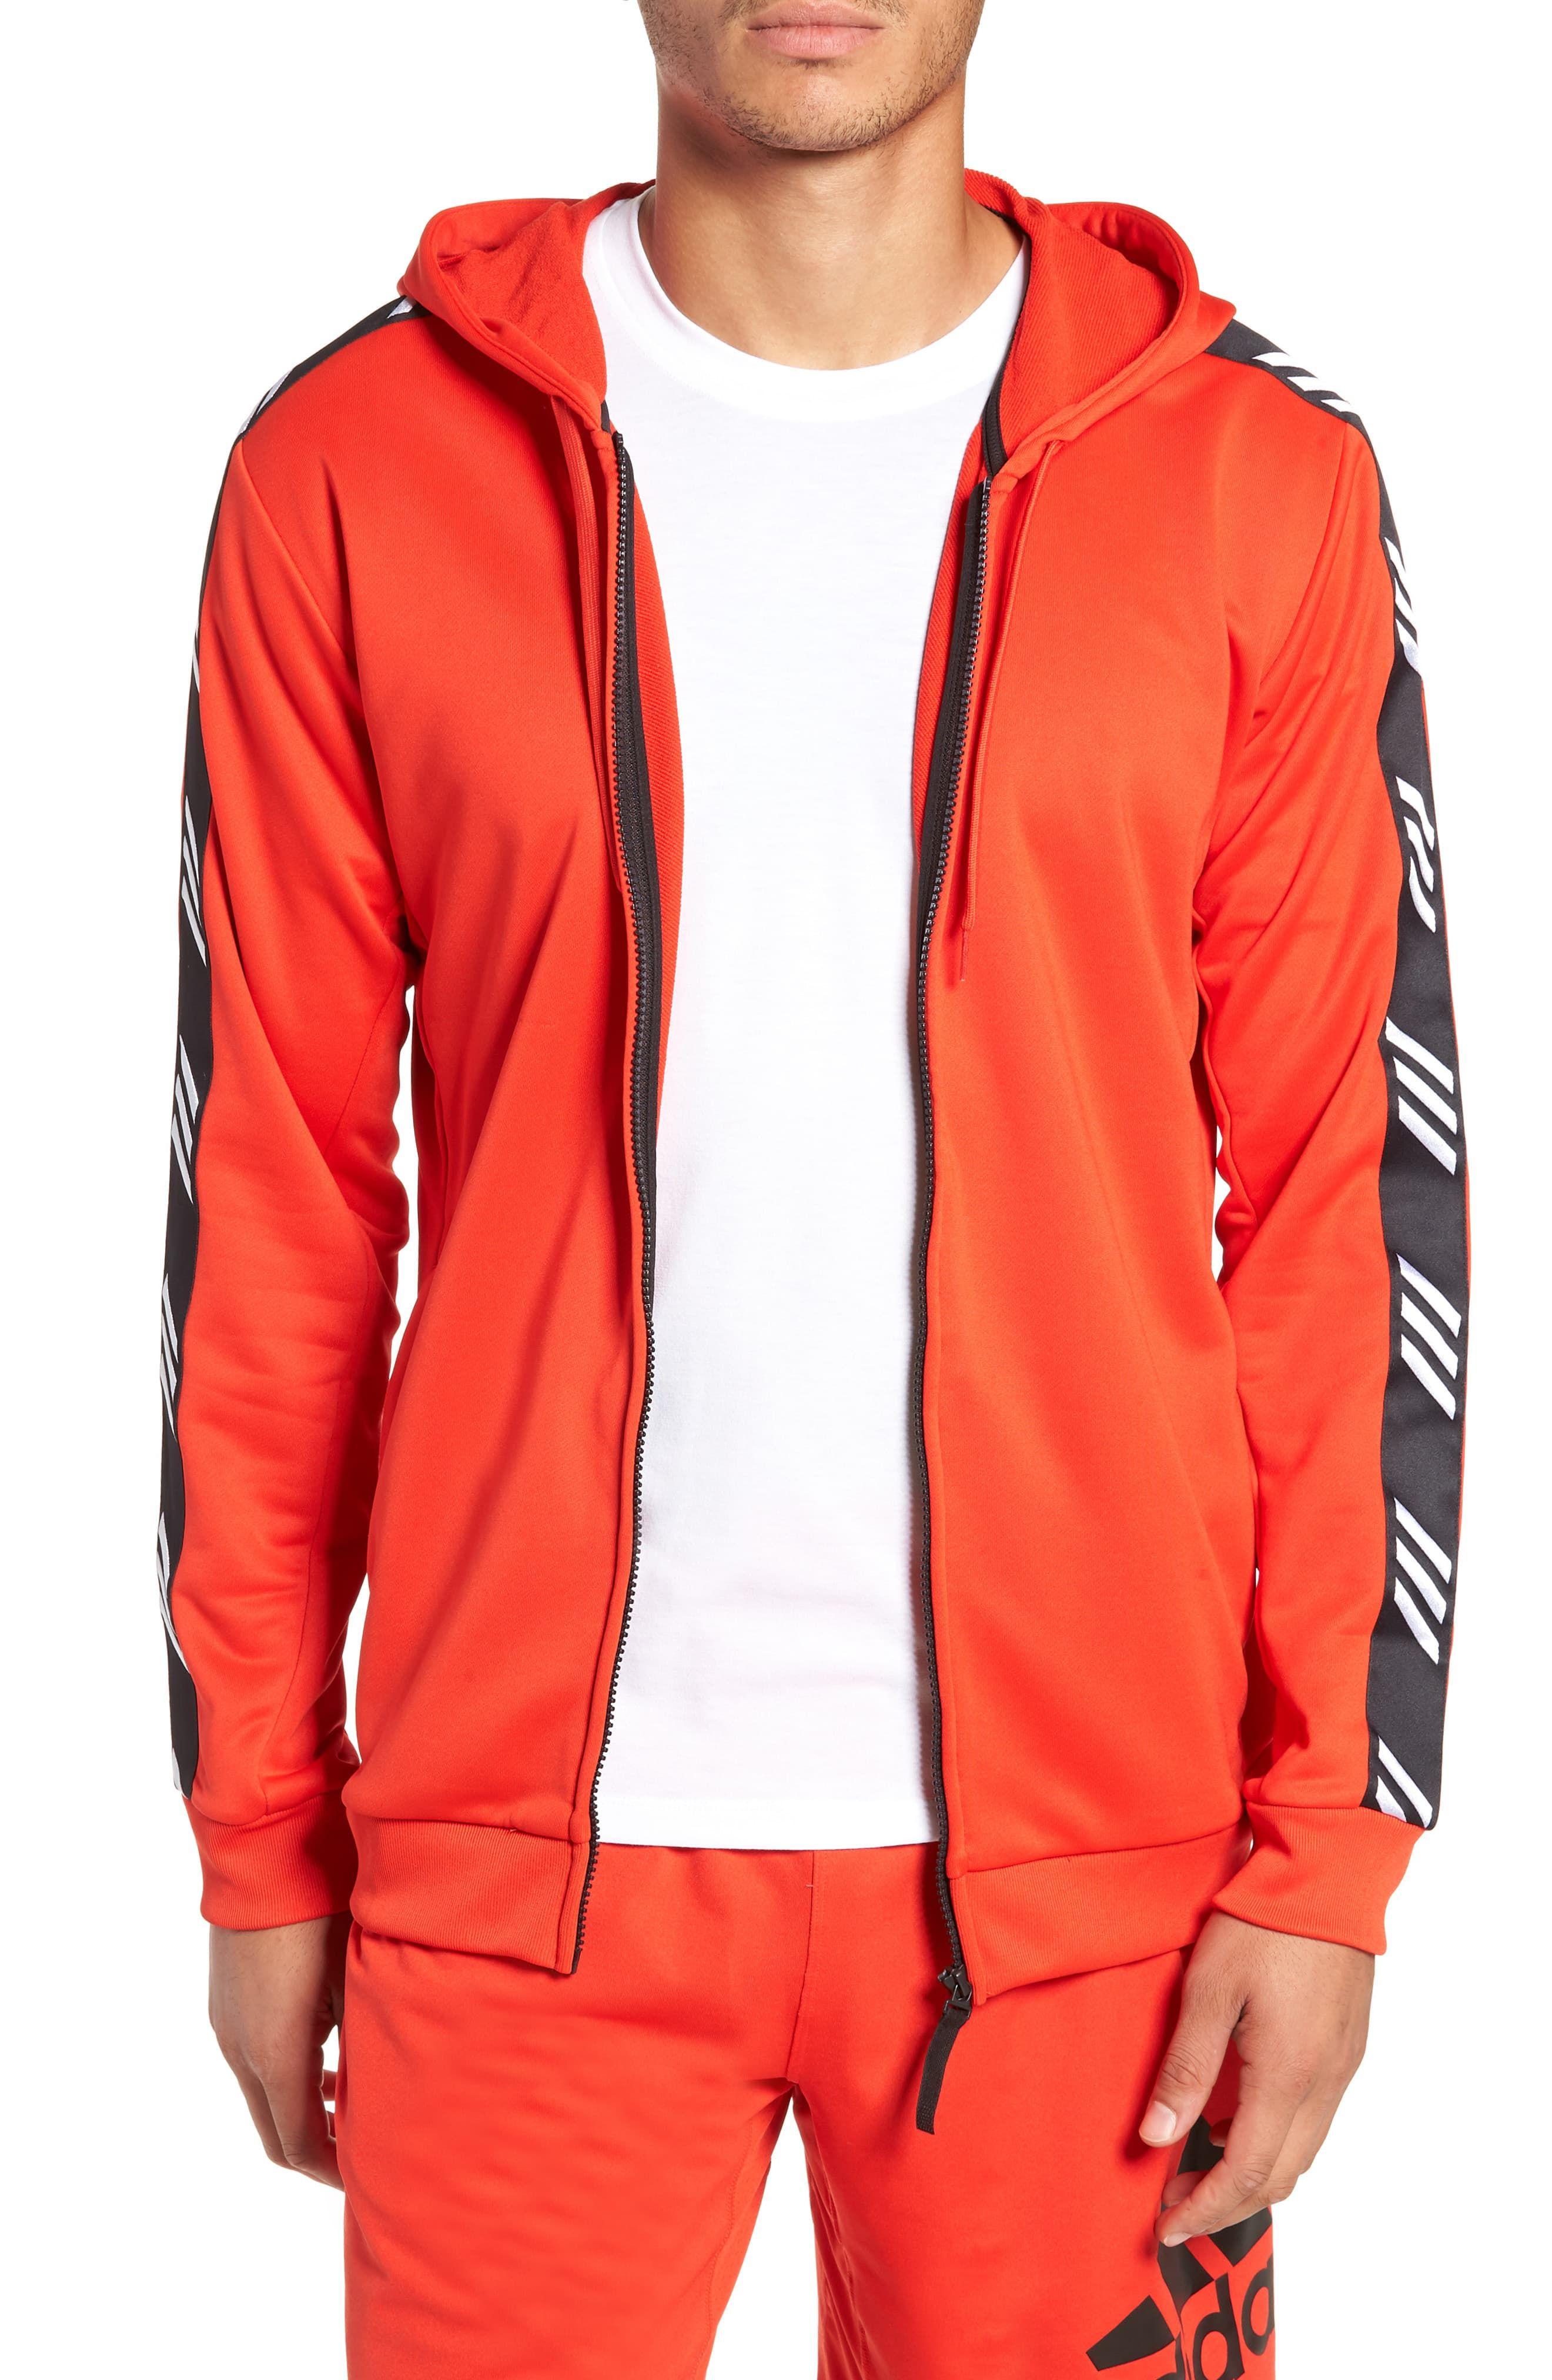 jacket, adidas, nike, style, shorts, shoes, shirt, fashion